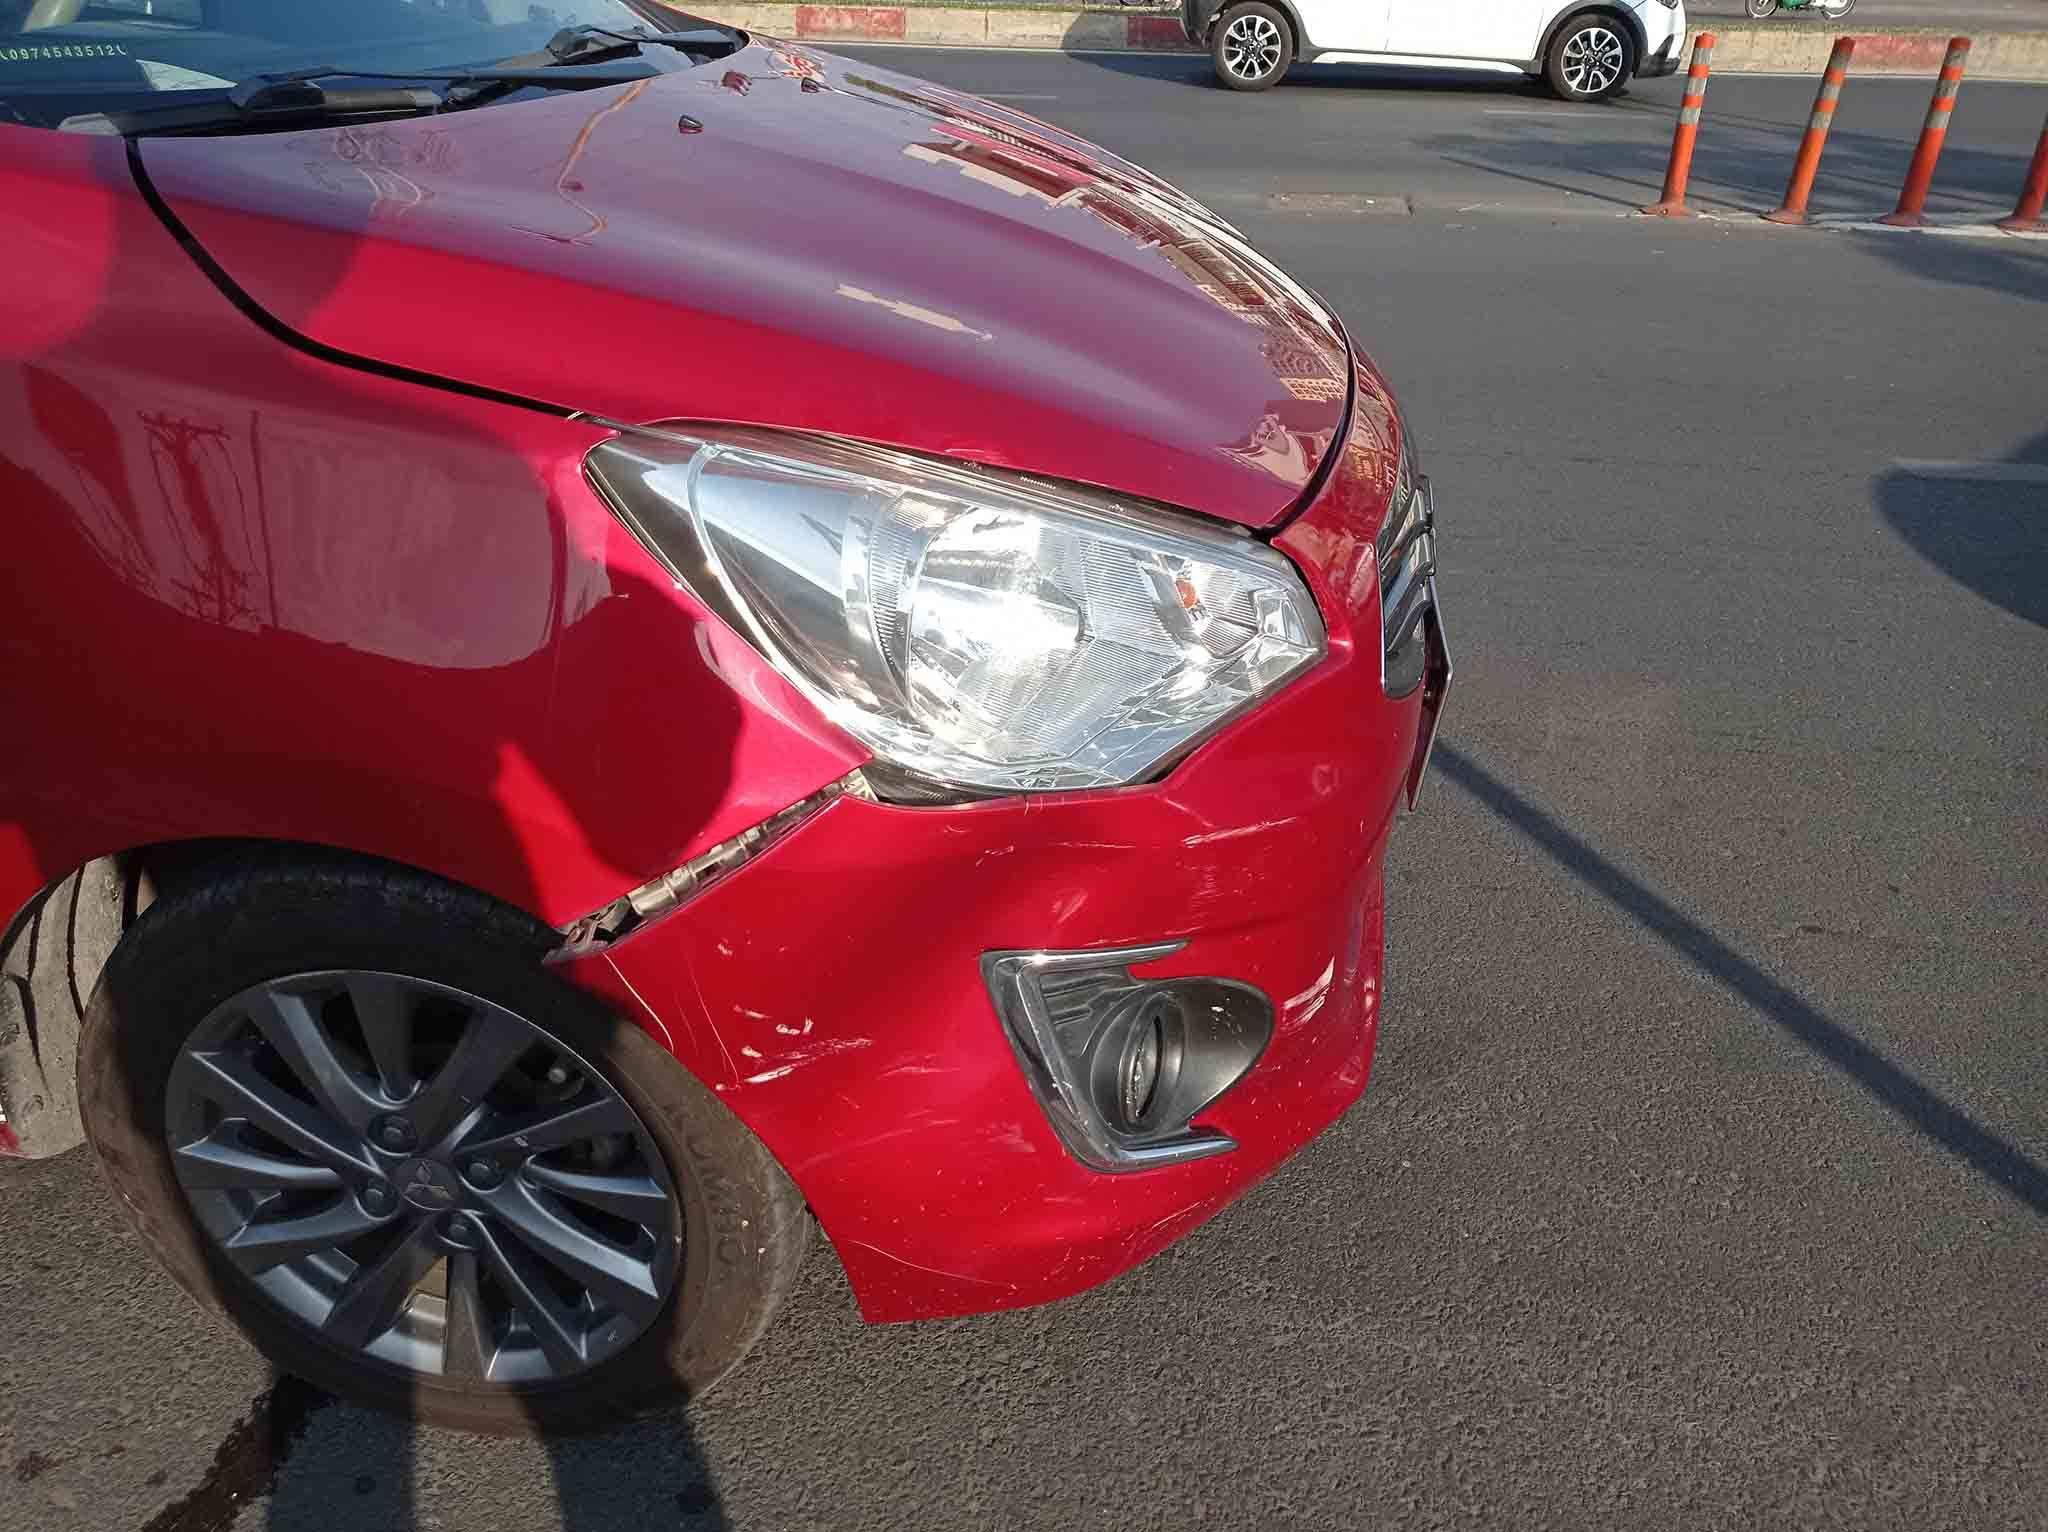 Phanh gấp bị xe sau tông trúng, chủ xe đòi bồi thường 1 triệu